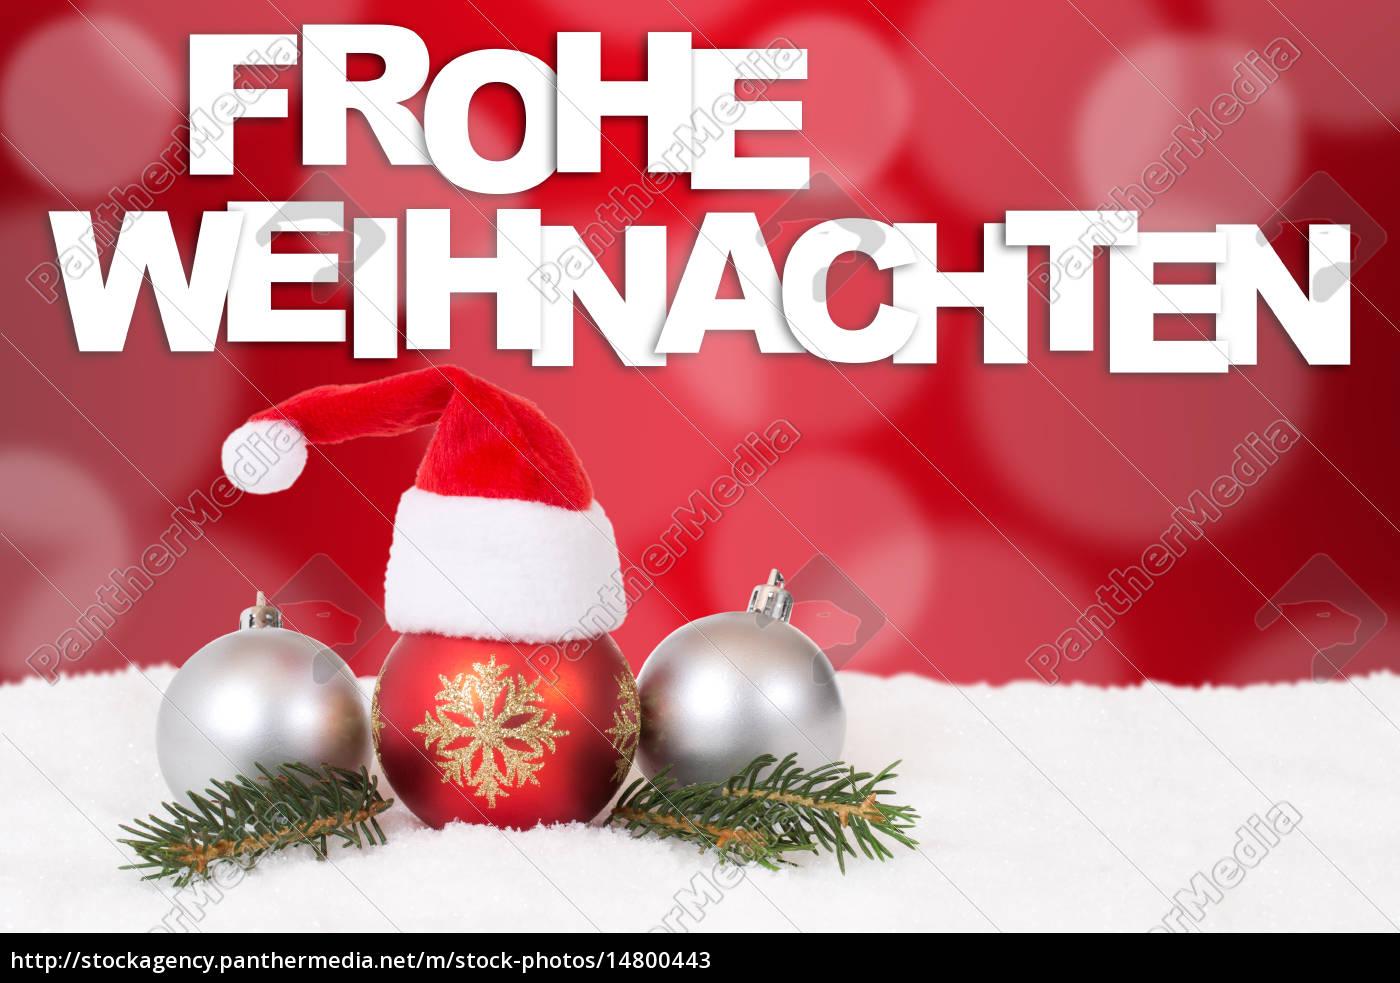 Frohe Weihnachten Hindi.Stockfoto 14800443 Weihnachtskarte Mit Mutze Frohe Weihnachten Hintergrund Rot